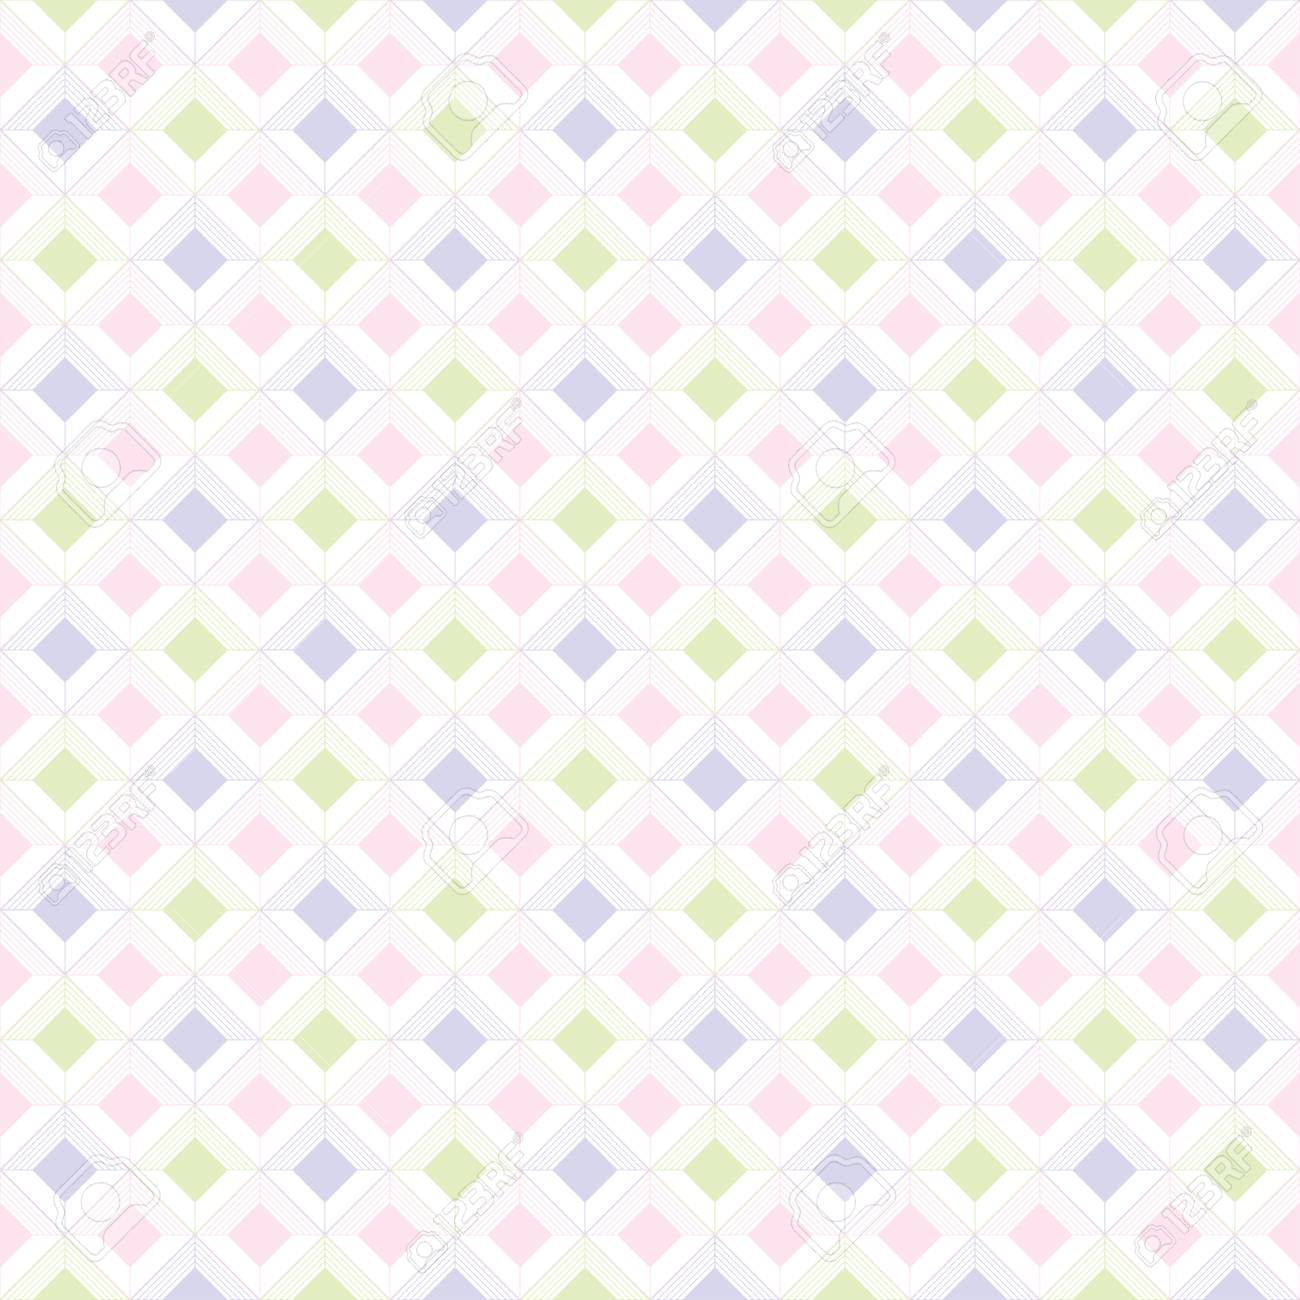 Bebe Seamless Enfants Pastel Geometriques Textures Ornement Retro